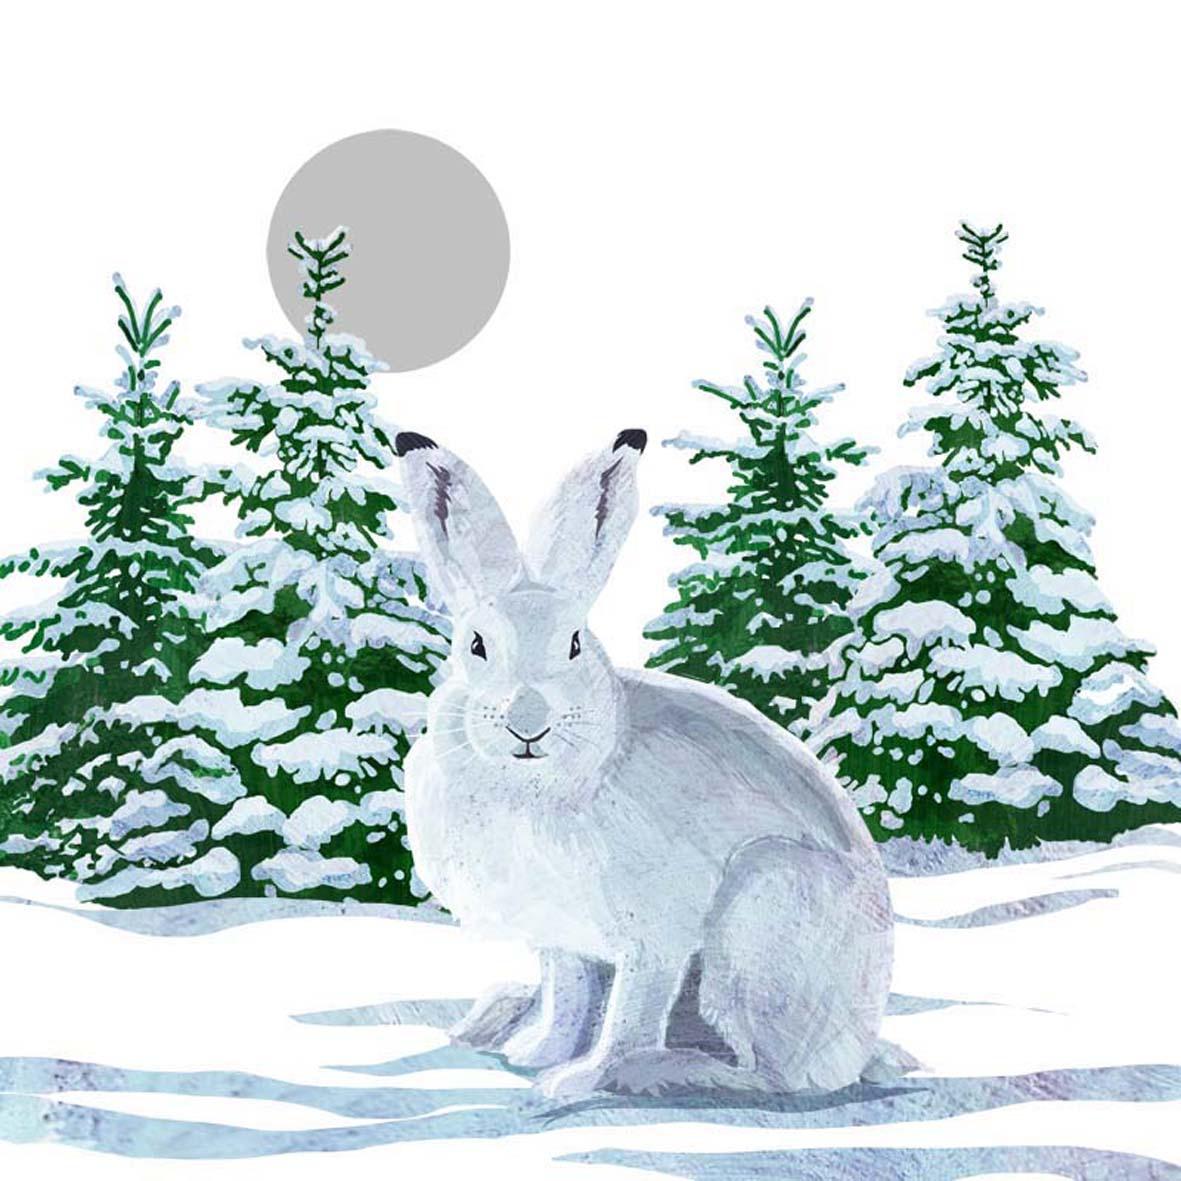 Lunch Servietten Snow Rabbit,  Tiere - Hasen,  Weihnachten,  lunchservietten,  Hasen